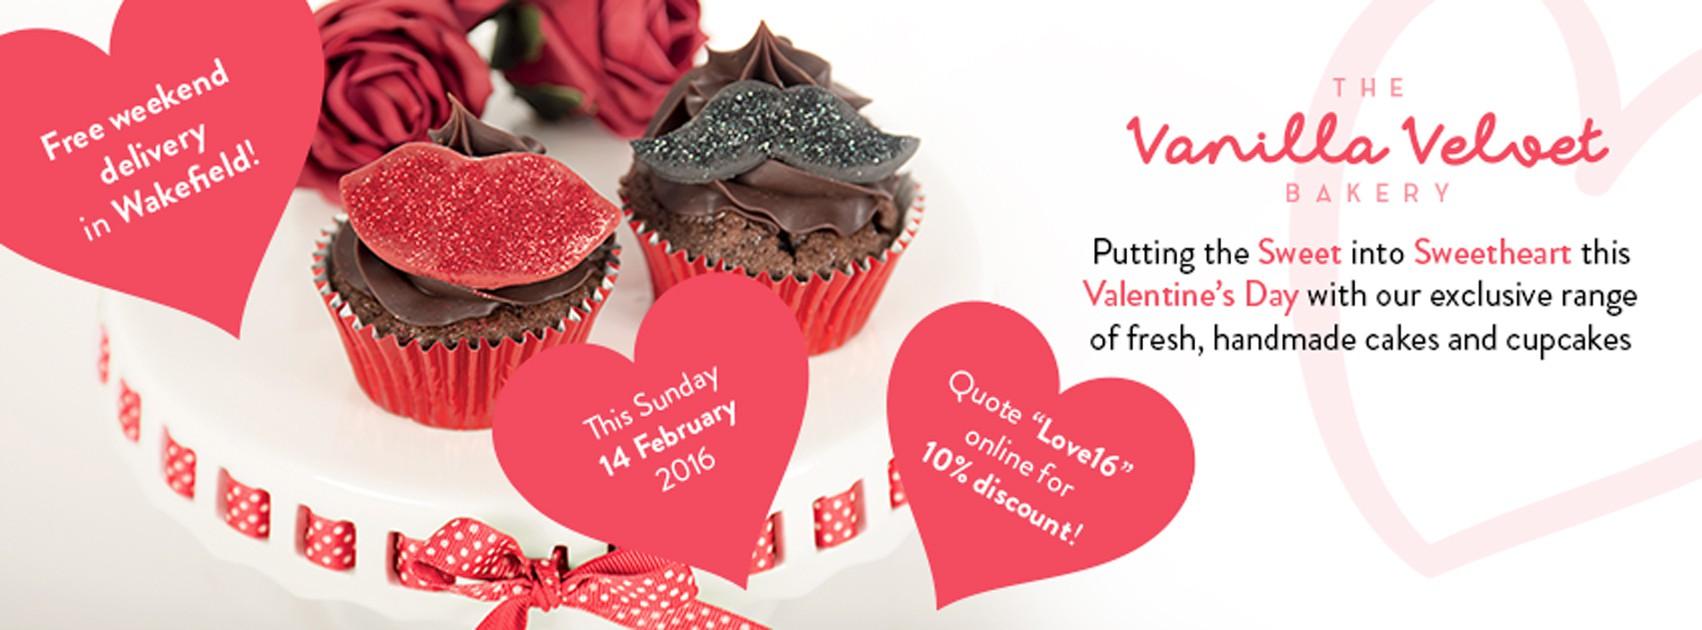 Flyer and Business Card for The Vanilla Velvet Bakery